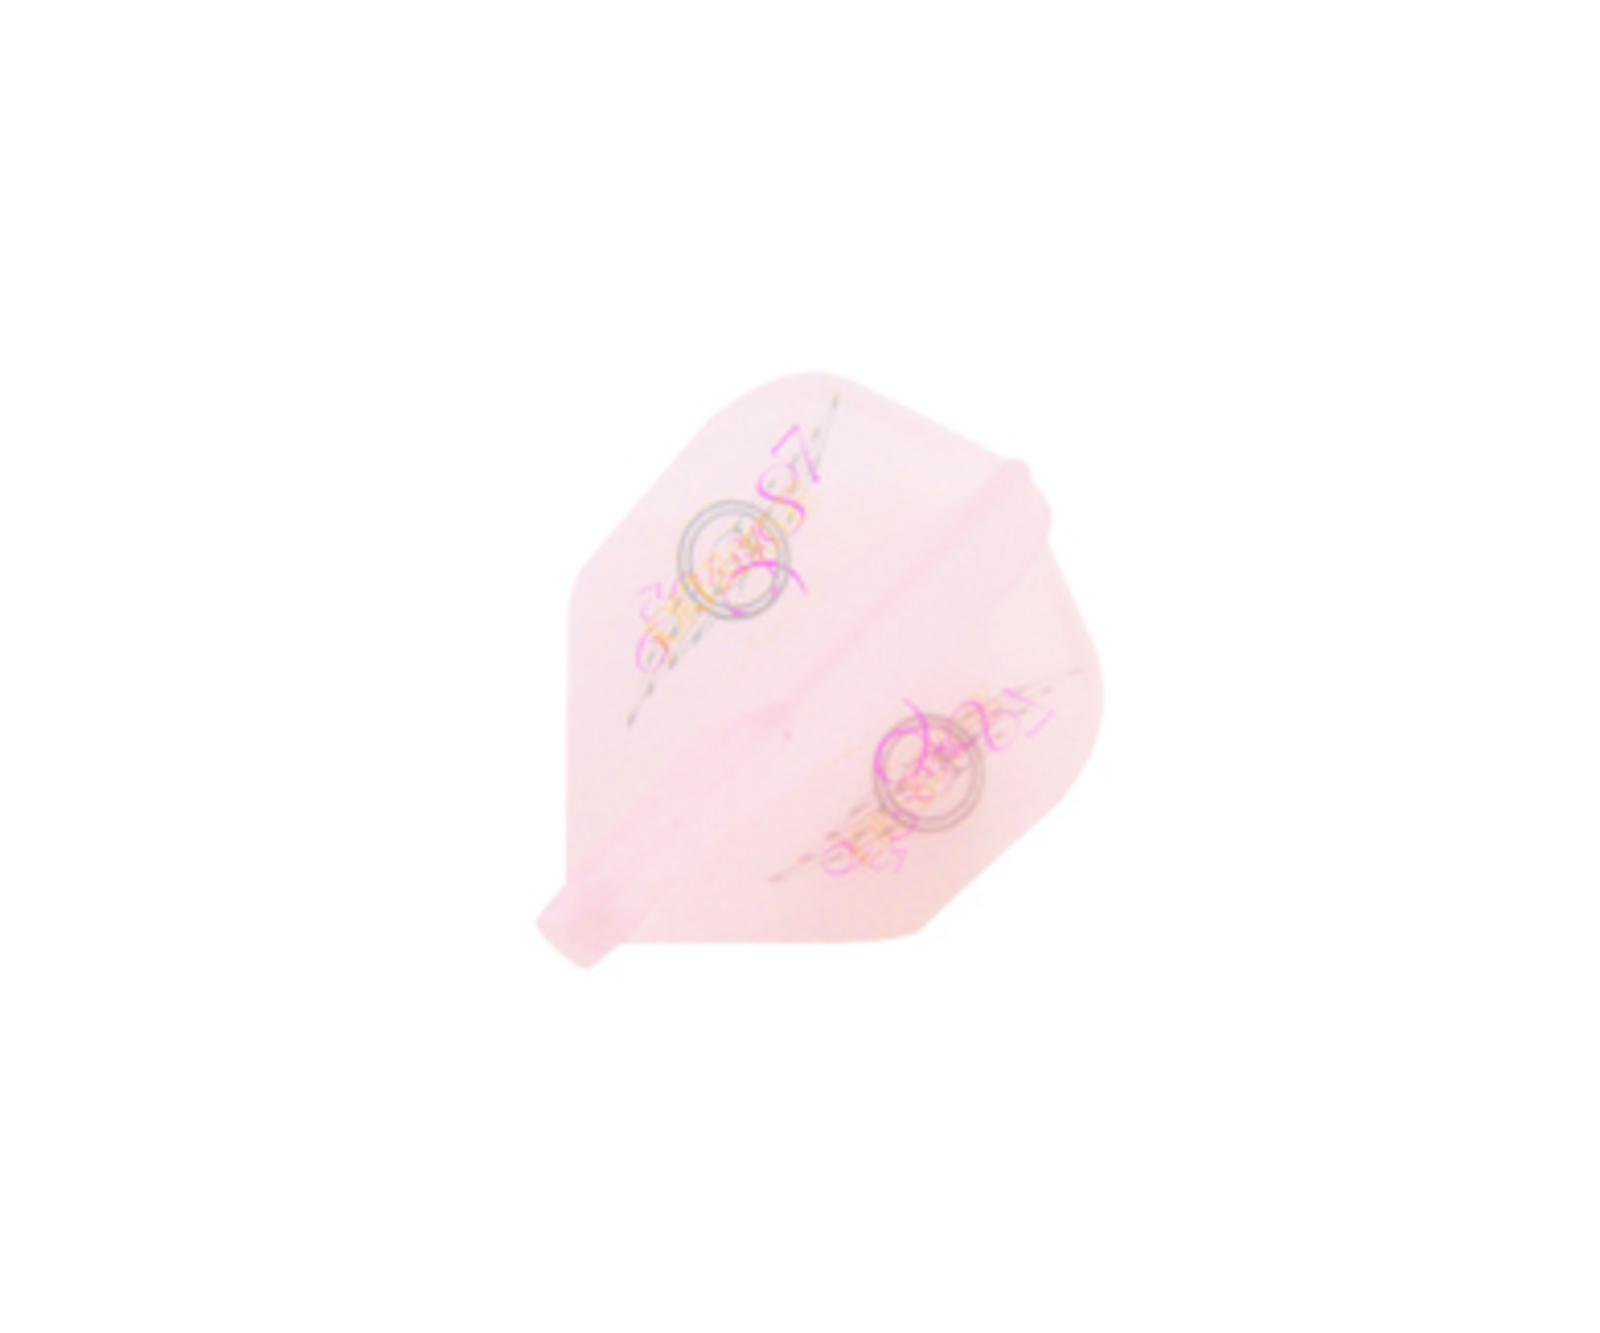 ダーツフライト【フィットフライトエアー×ジョーカードライバー】ピンク シェイプの画像